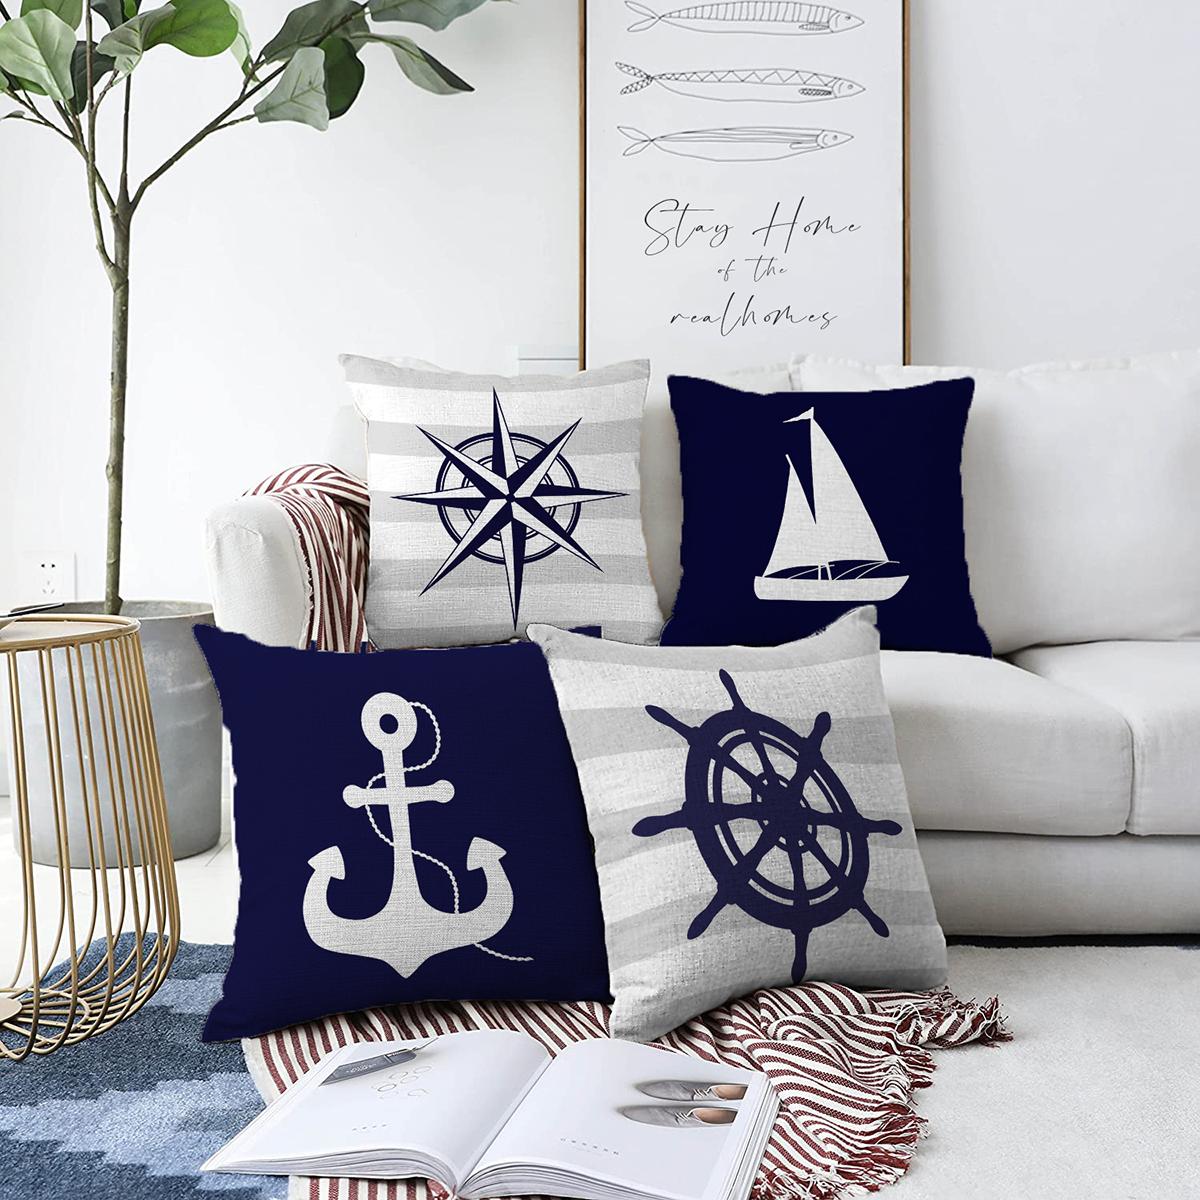 4'lü Çift Taraflı Renkli Zemin Üzerinde Denizci Desenli Modern Şönil Yastık Kırlent Kılıf Seti Realhomes